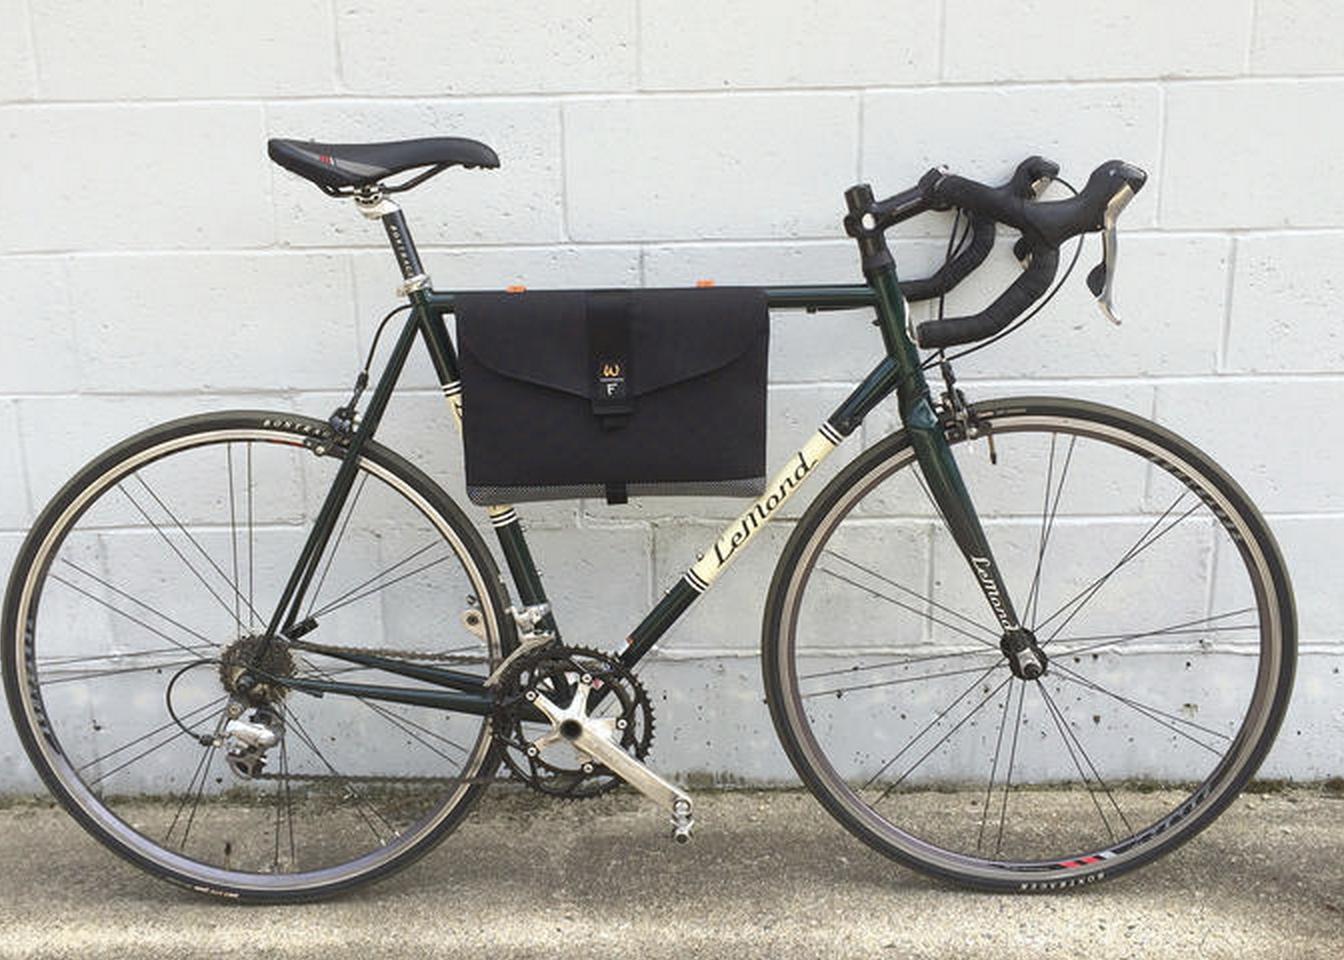 Custom frame bag for laptops http www bikeforums net commuting